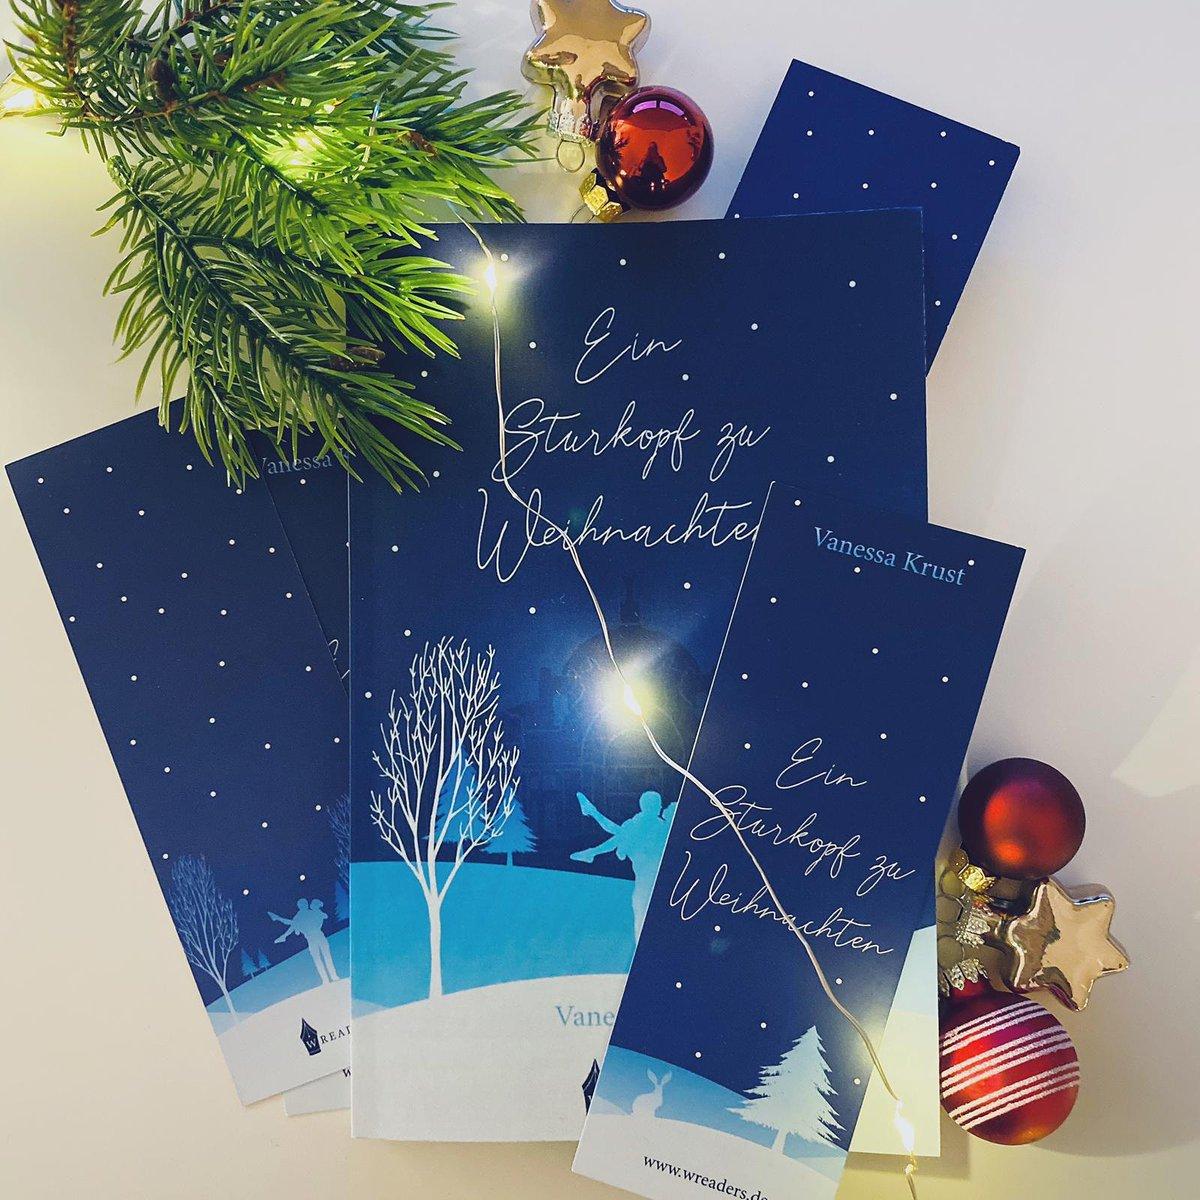 """Bei mir wird heute der Tannenbaum abgebaut und die Weihnachtsdeko verschwindet bis zum nächsten Dezember auf dem Dachboden  Aber so wie ich Weihnachtsfilme mitten im Sommer gucken kann, ist """"Ein Sturkopf zu Weihnachten"""" ebenso gut zu lesen außerhalb der Weihnachtszeit pic.twitter.com/rAbIzOBpOd"""